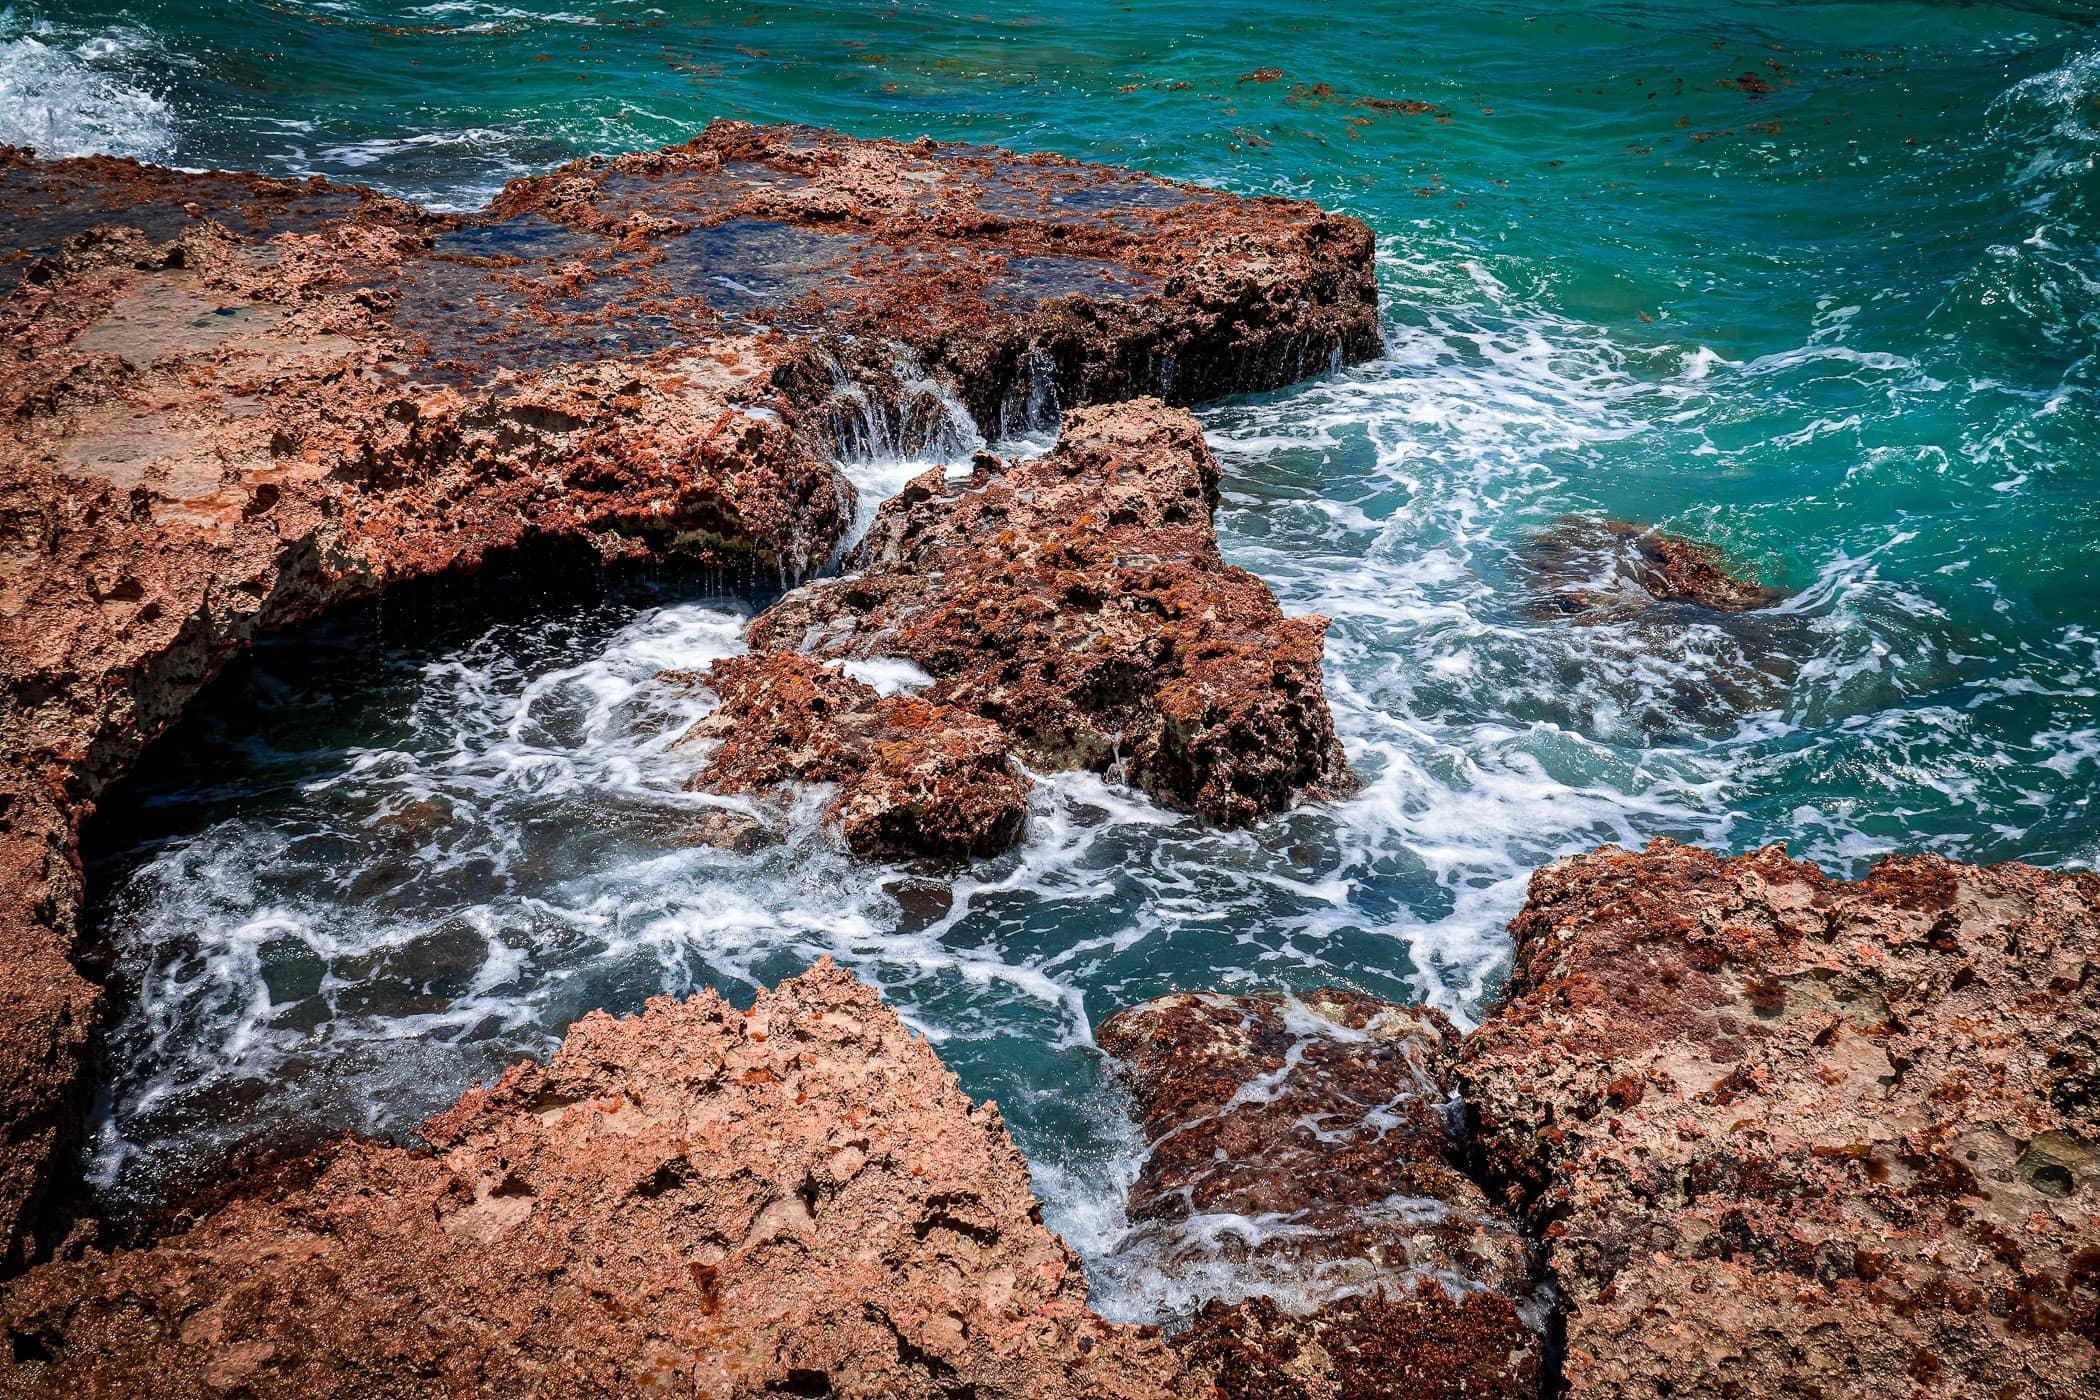 The rocky shore of Cozumel, Mexico's El Mirador.